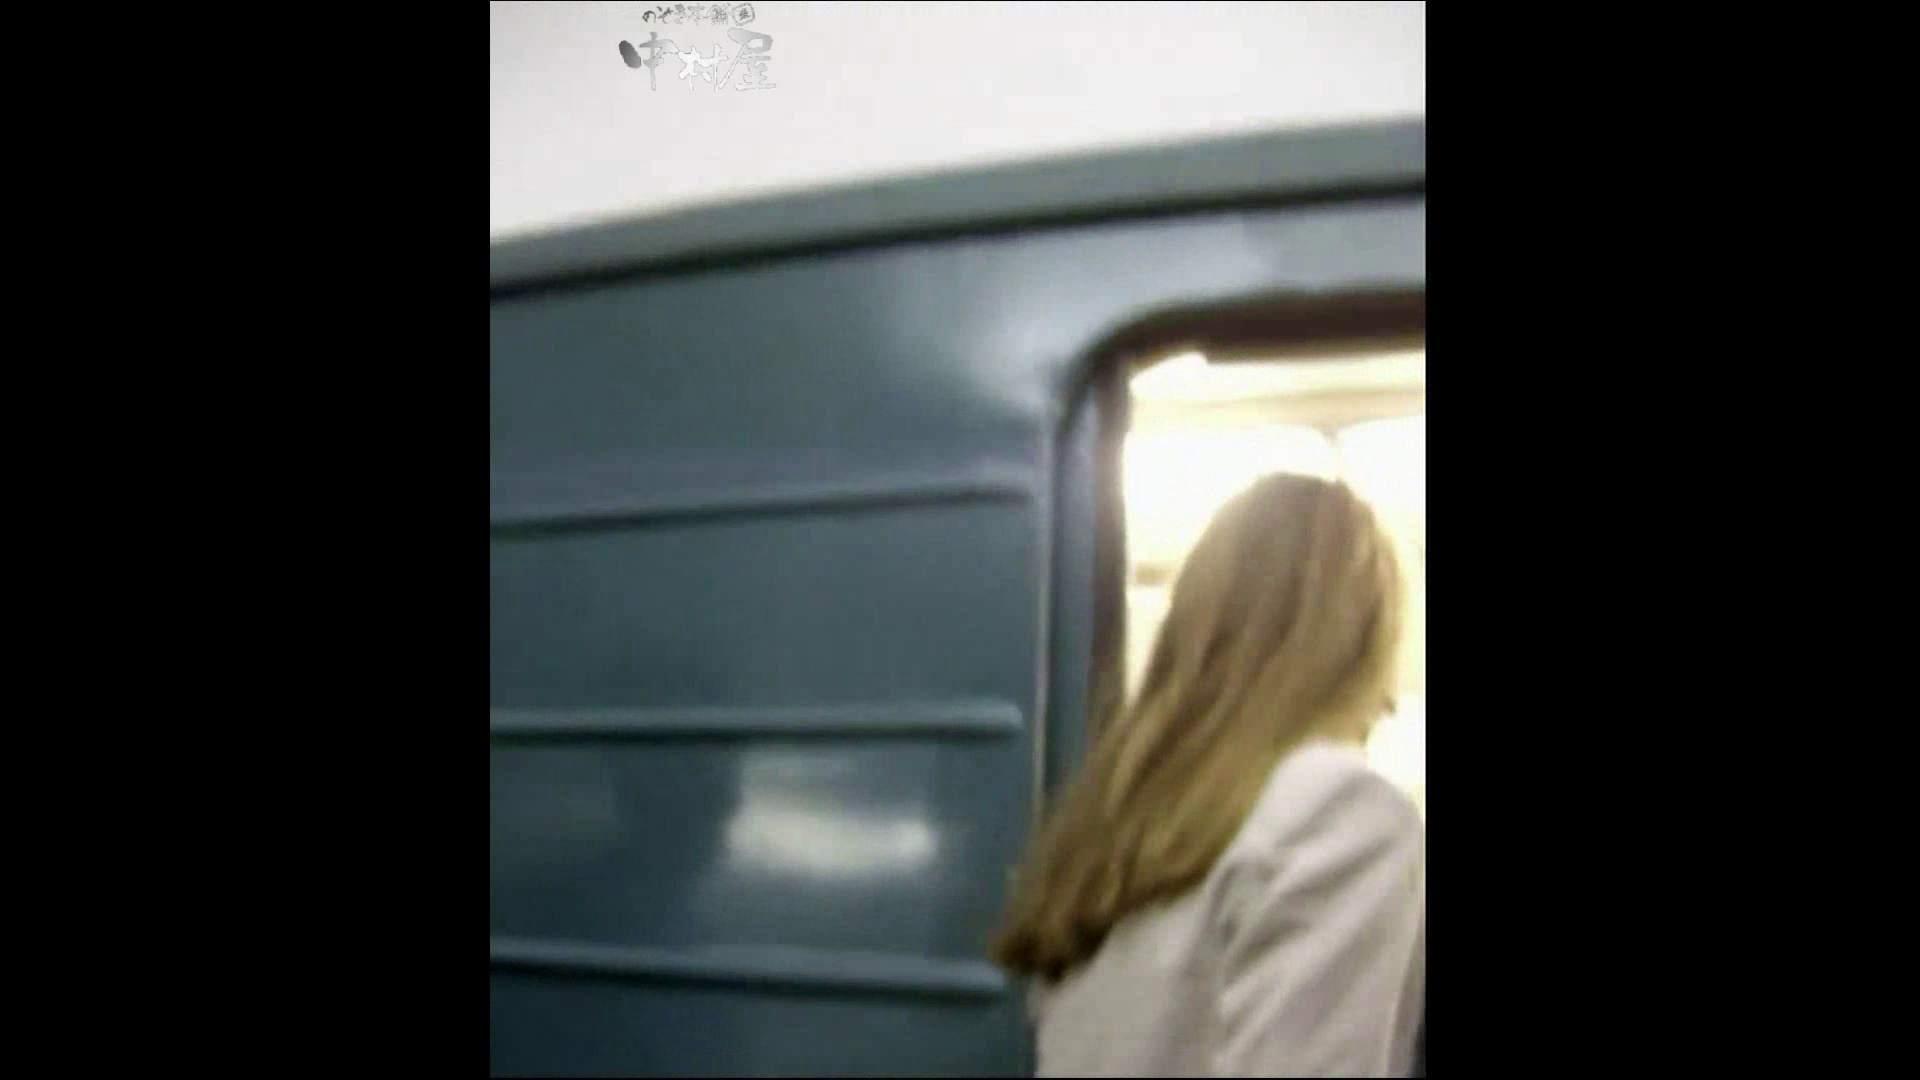 綺麗なモデルさんのスカート捲っちゃおう‼ vol17 お姉さんのエロ動画  94PIX 8